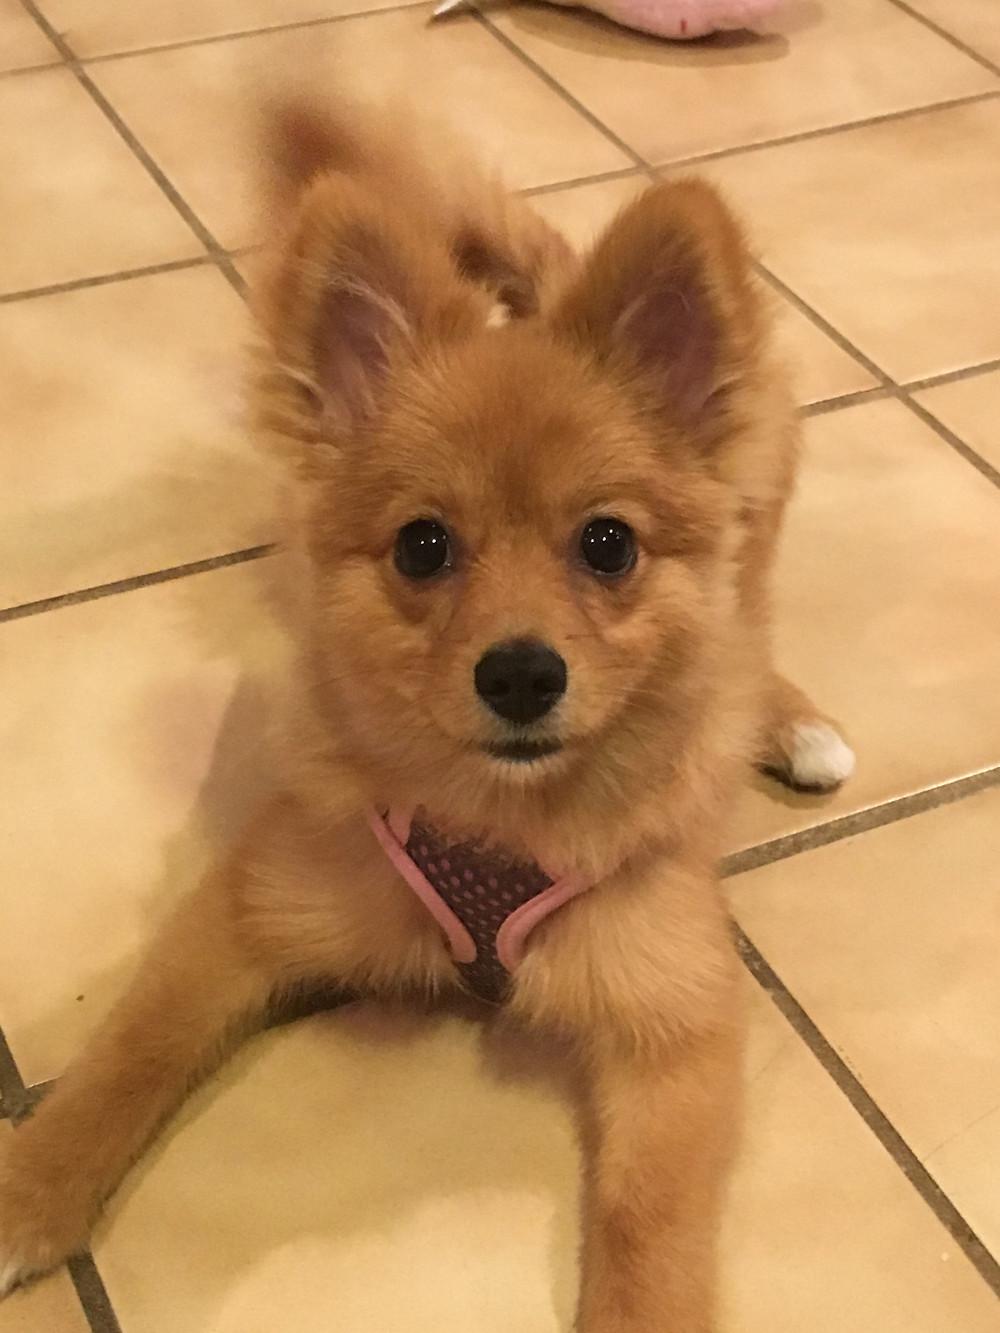 Pomeranian puppy ready for training